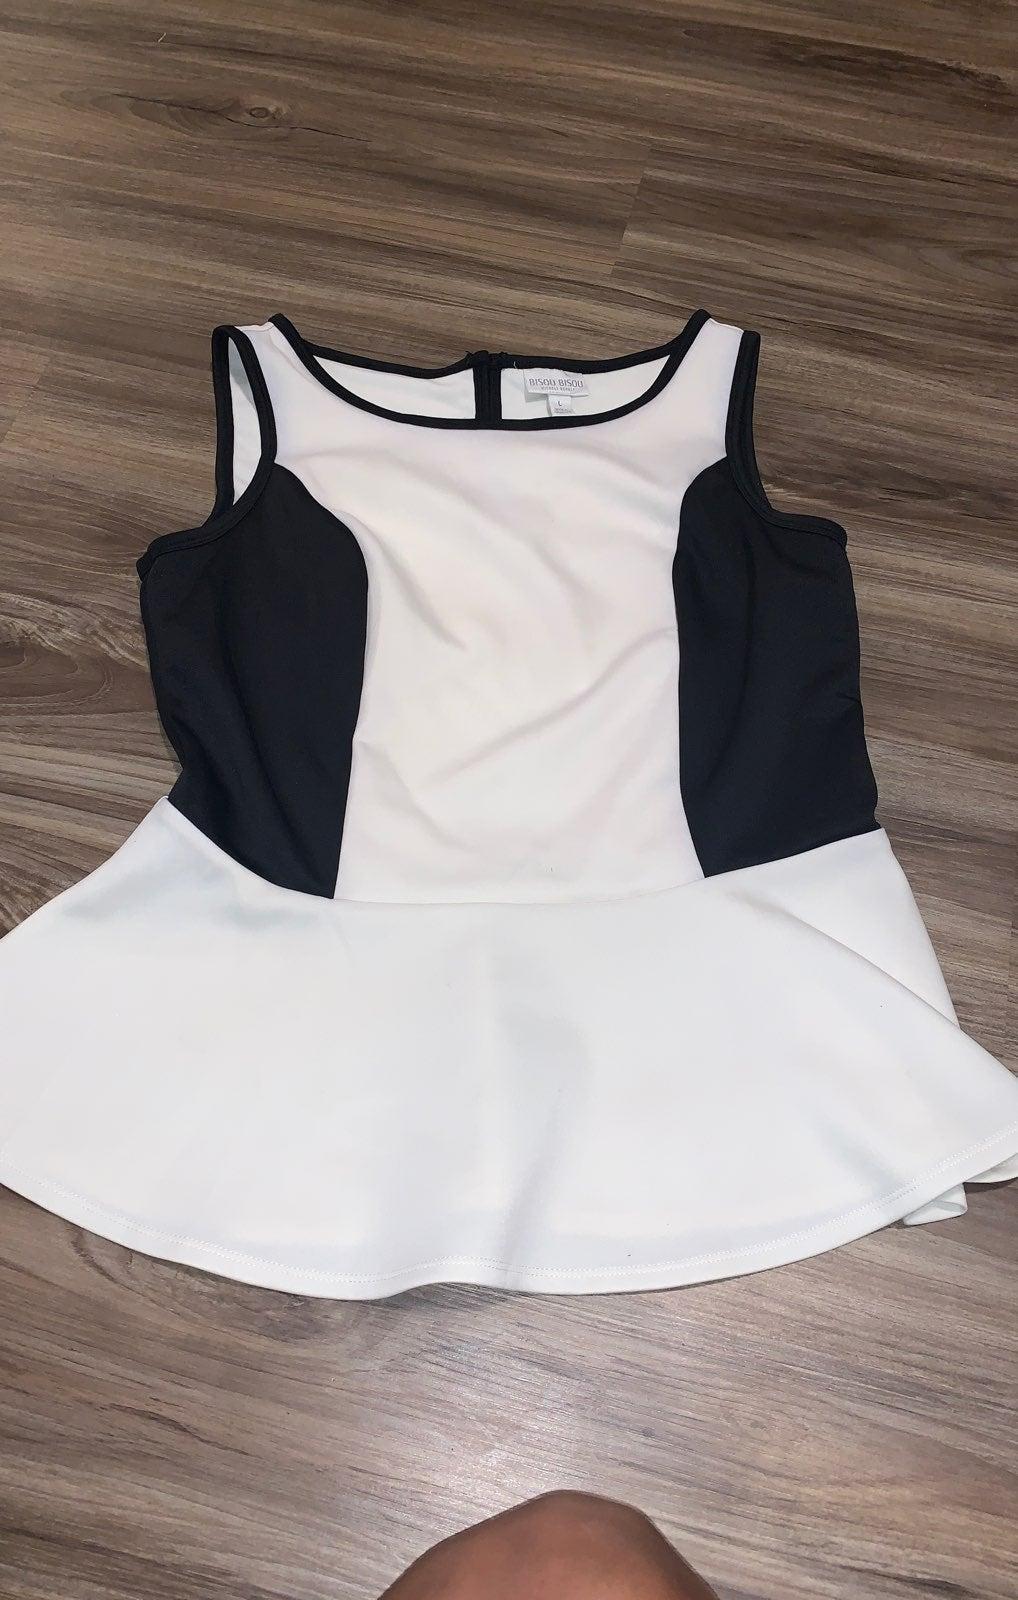 BISOU BISOU blouse